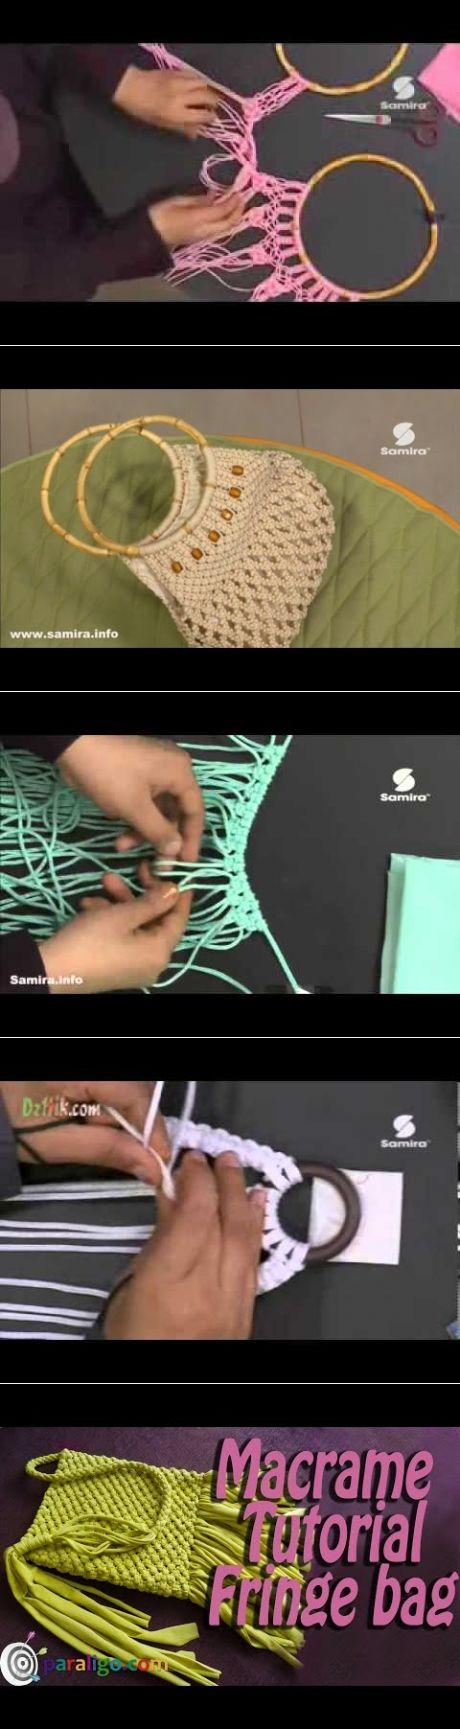 حقيبة يد بغرزة جوزيفين Samira Tv - YouTube